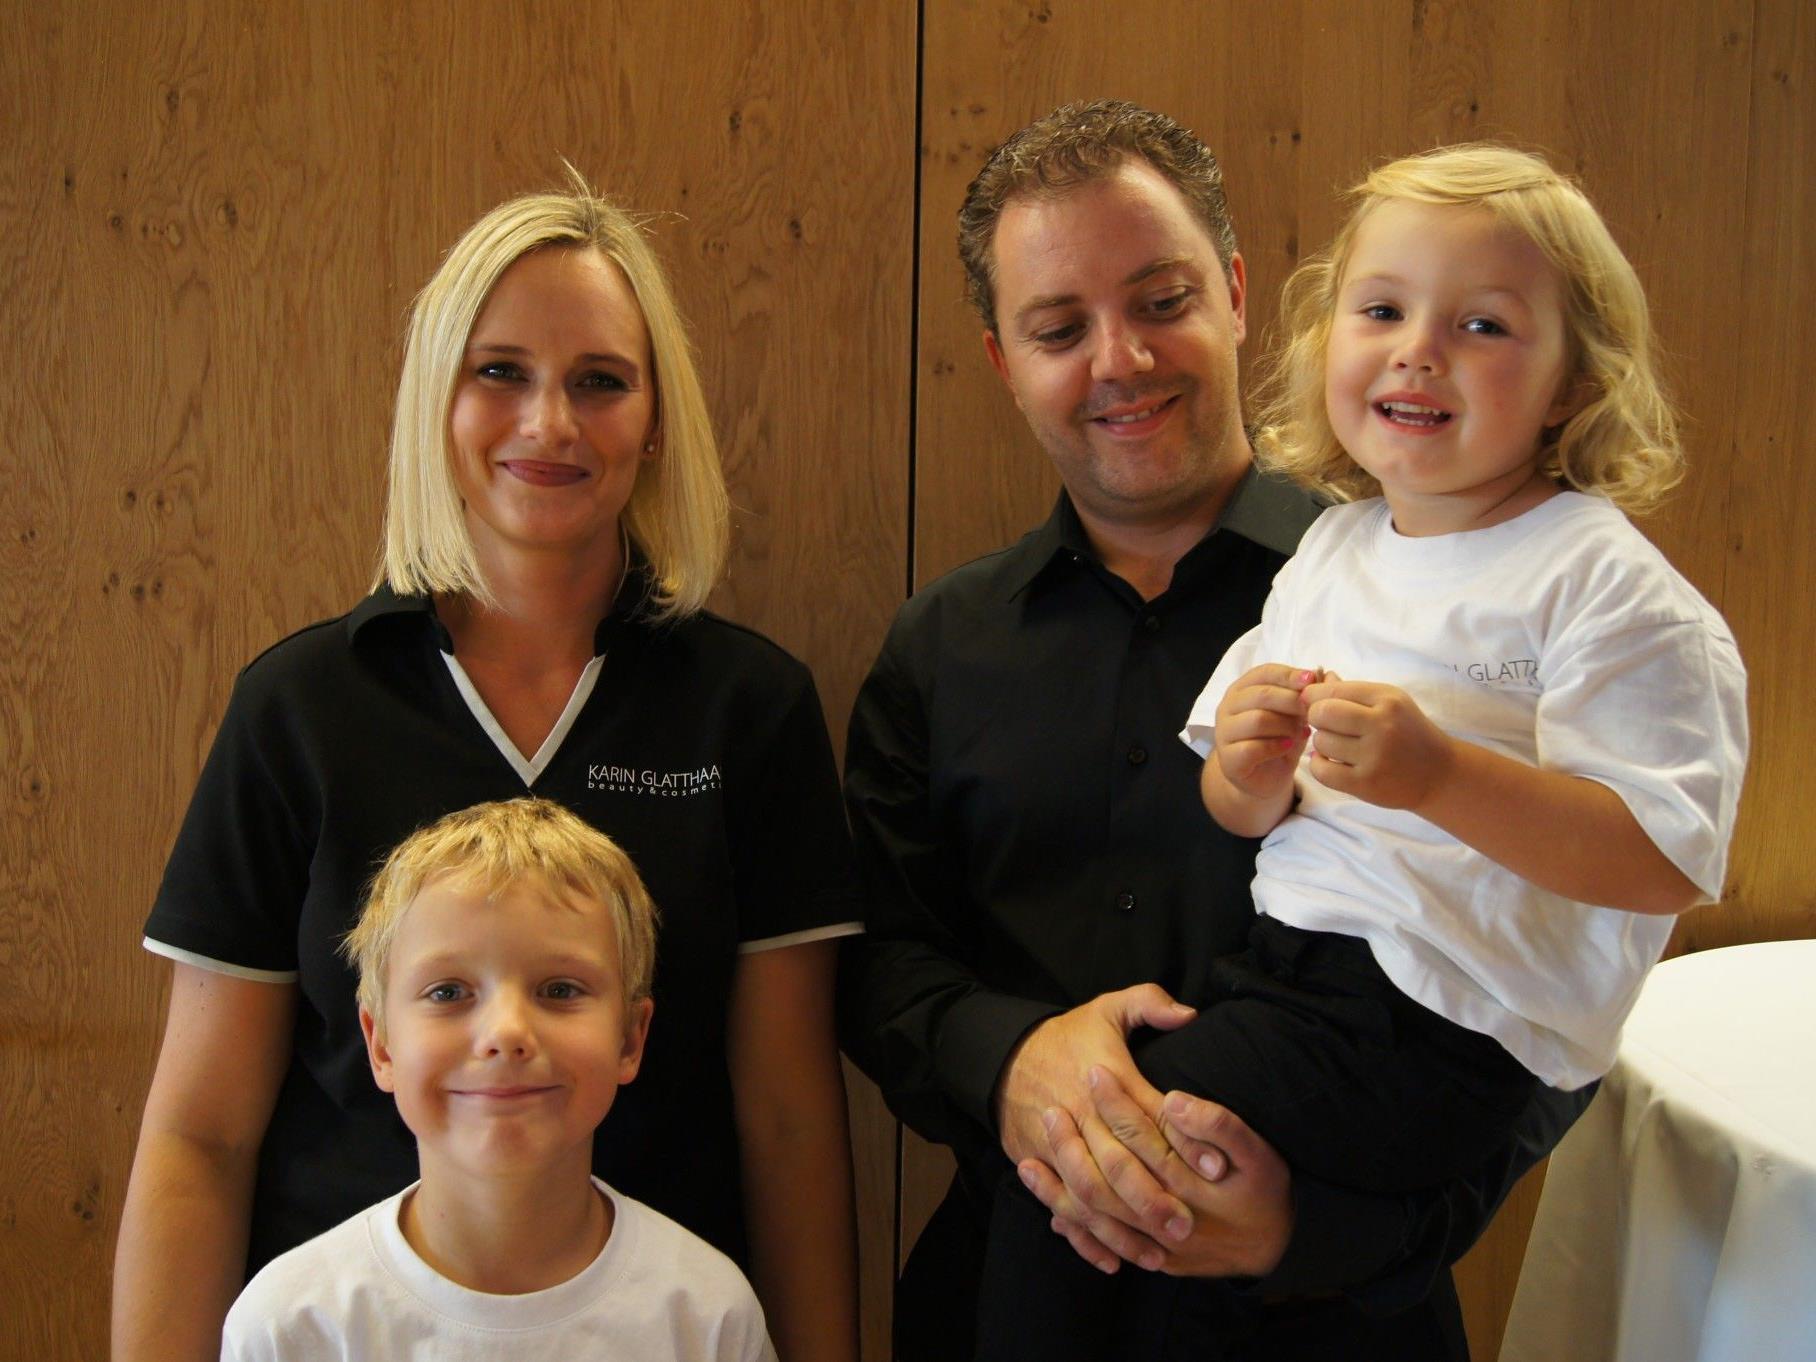 Stolze Besitzer des neuen Kosmetikstudios: Karin und René Glatthaar mit Kids.